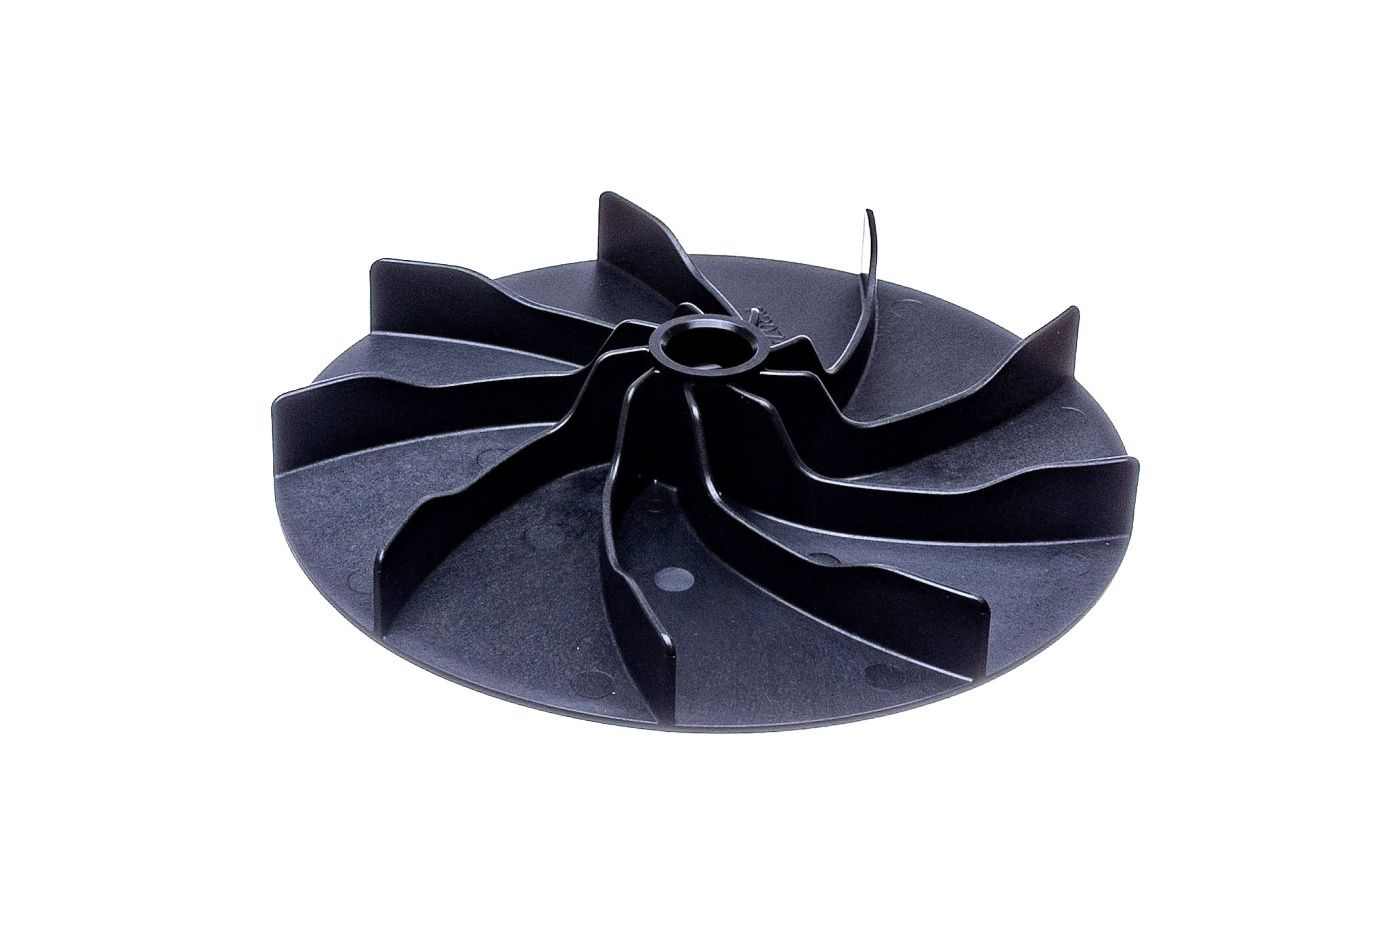 Ventilátor elektrické kosačky CASTELGARDEN, BINGO, BRAVO, KIWI - 22465602/0